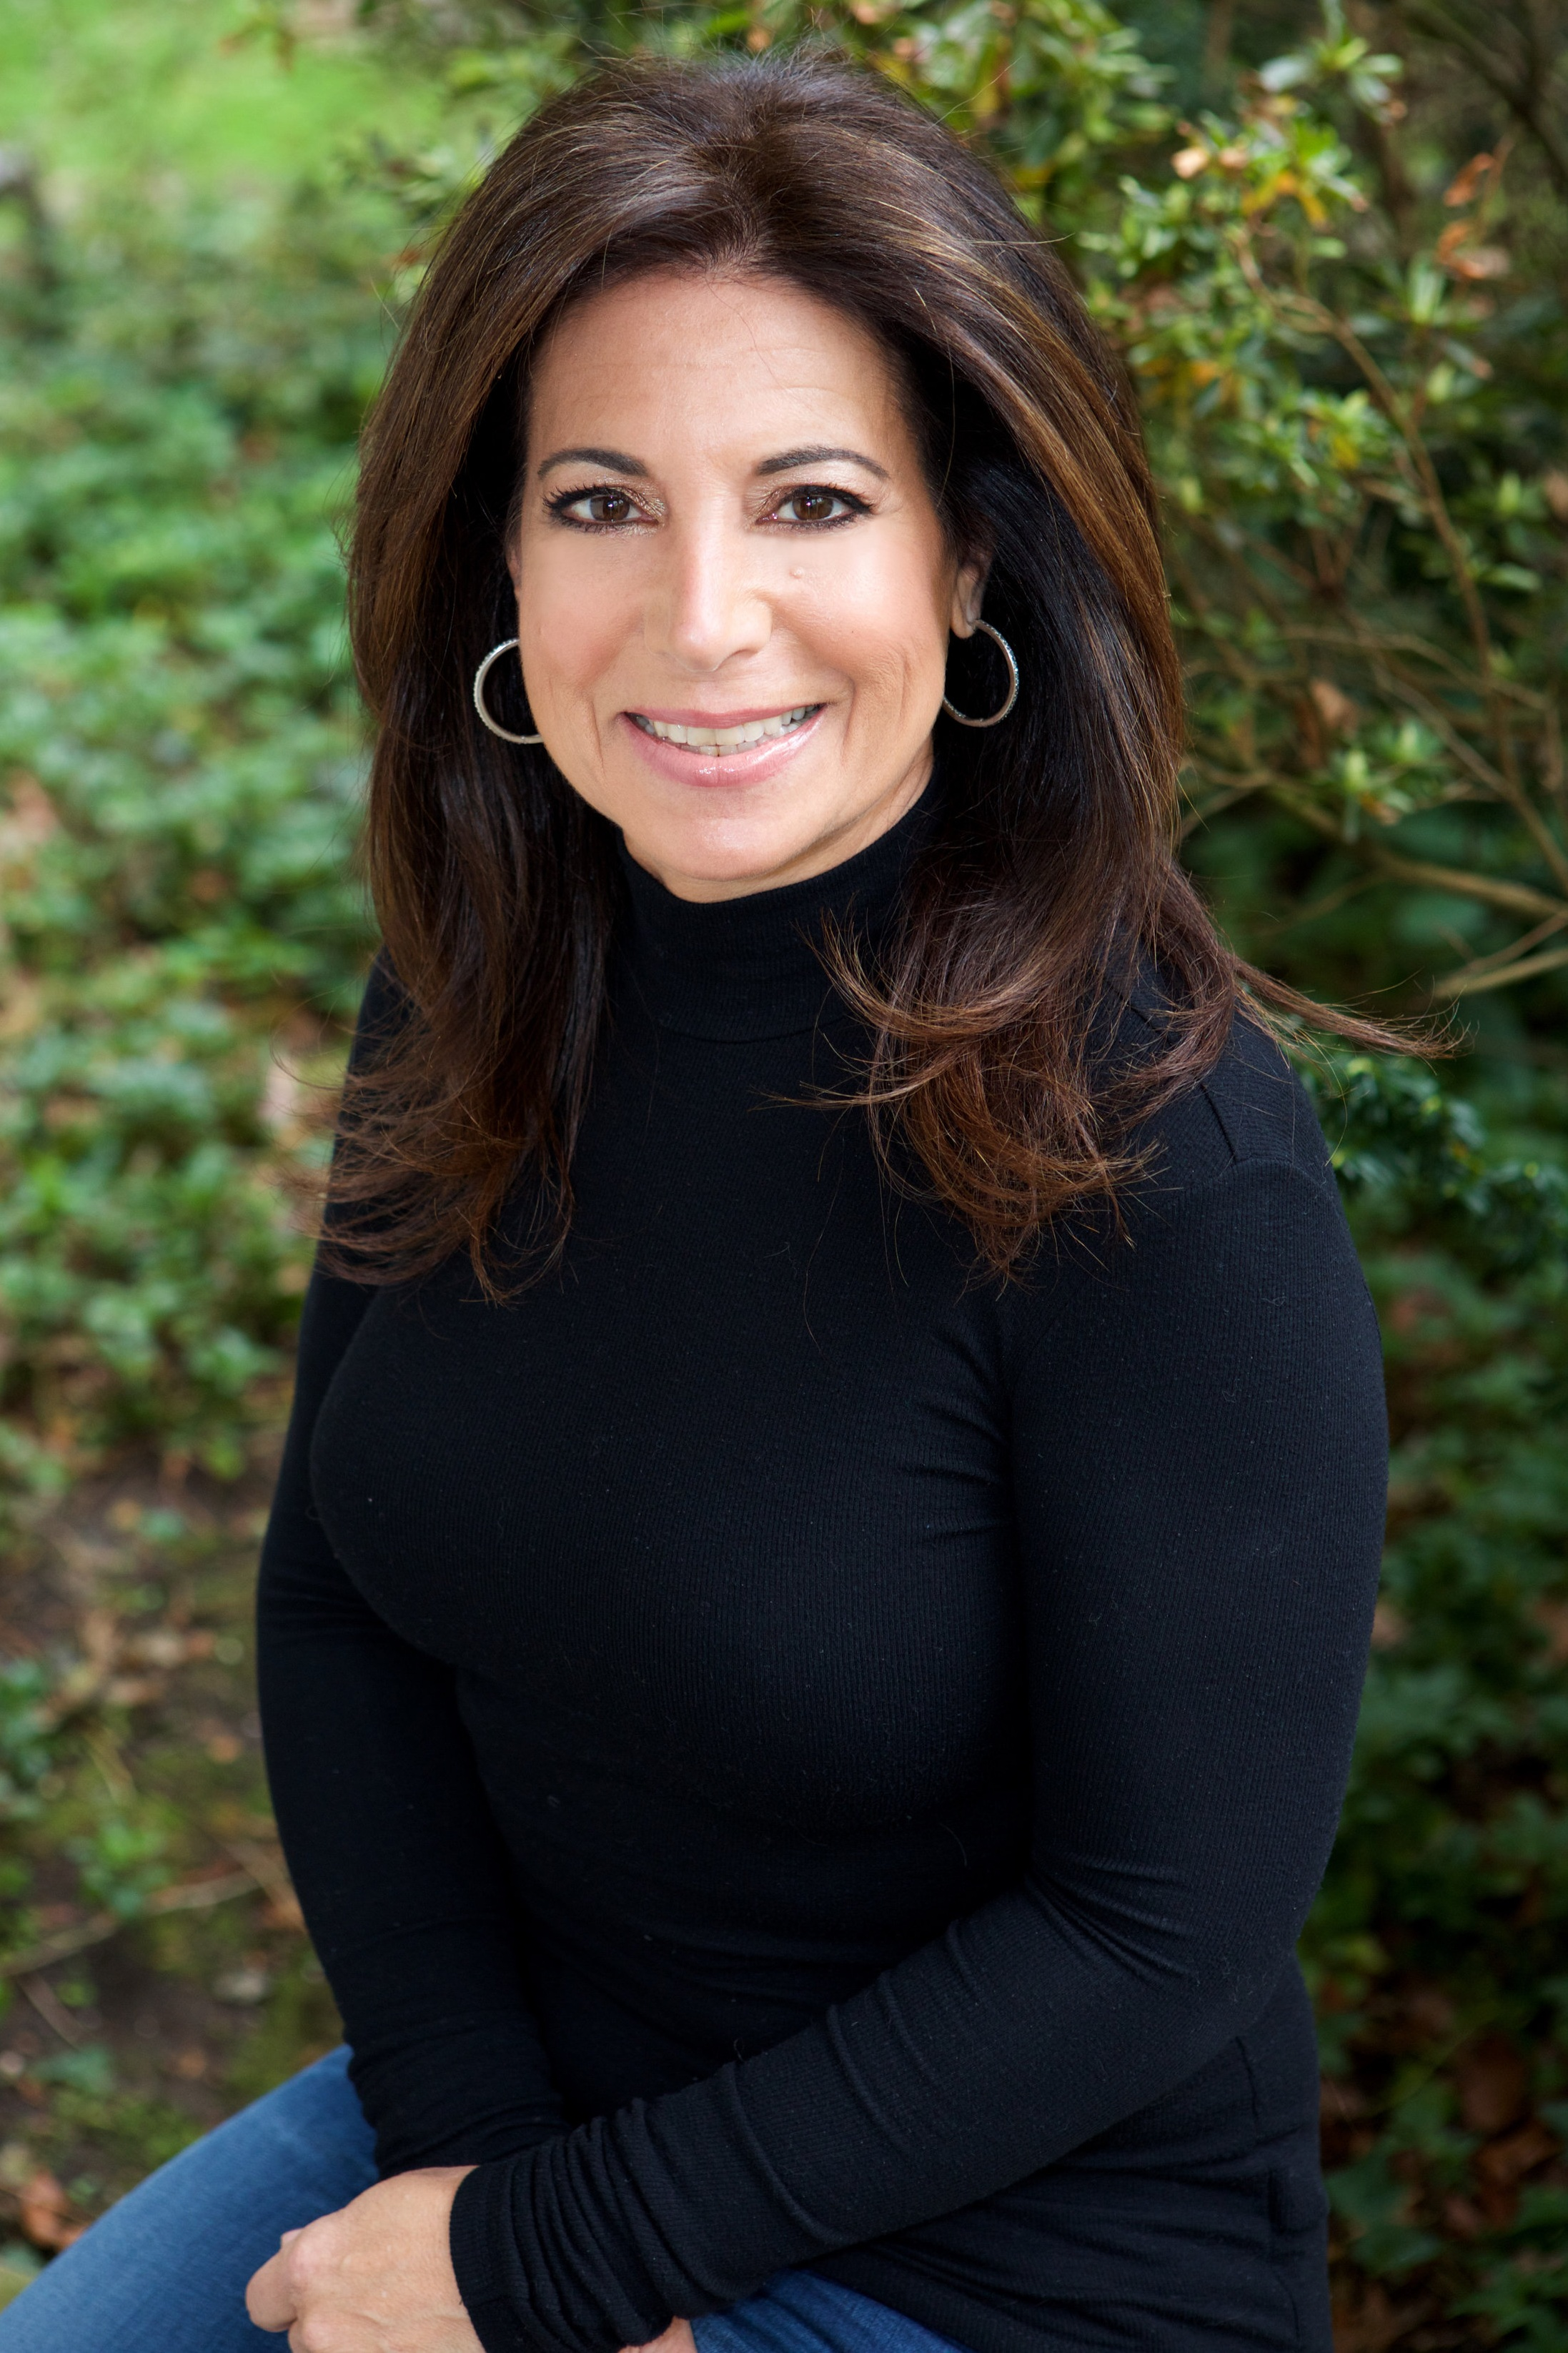 Suzanne Corbin - Founder and CEO